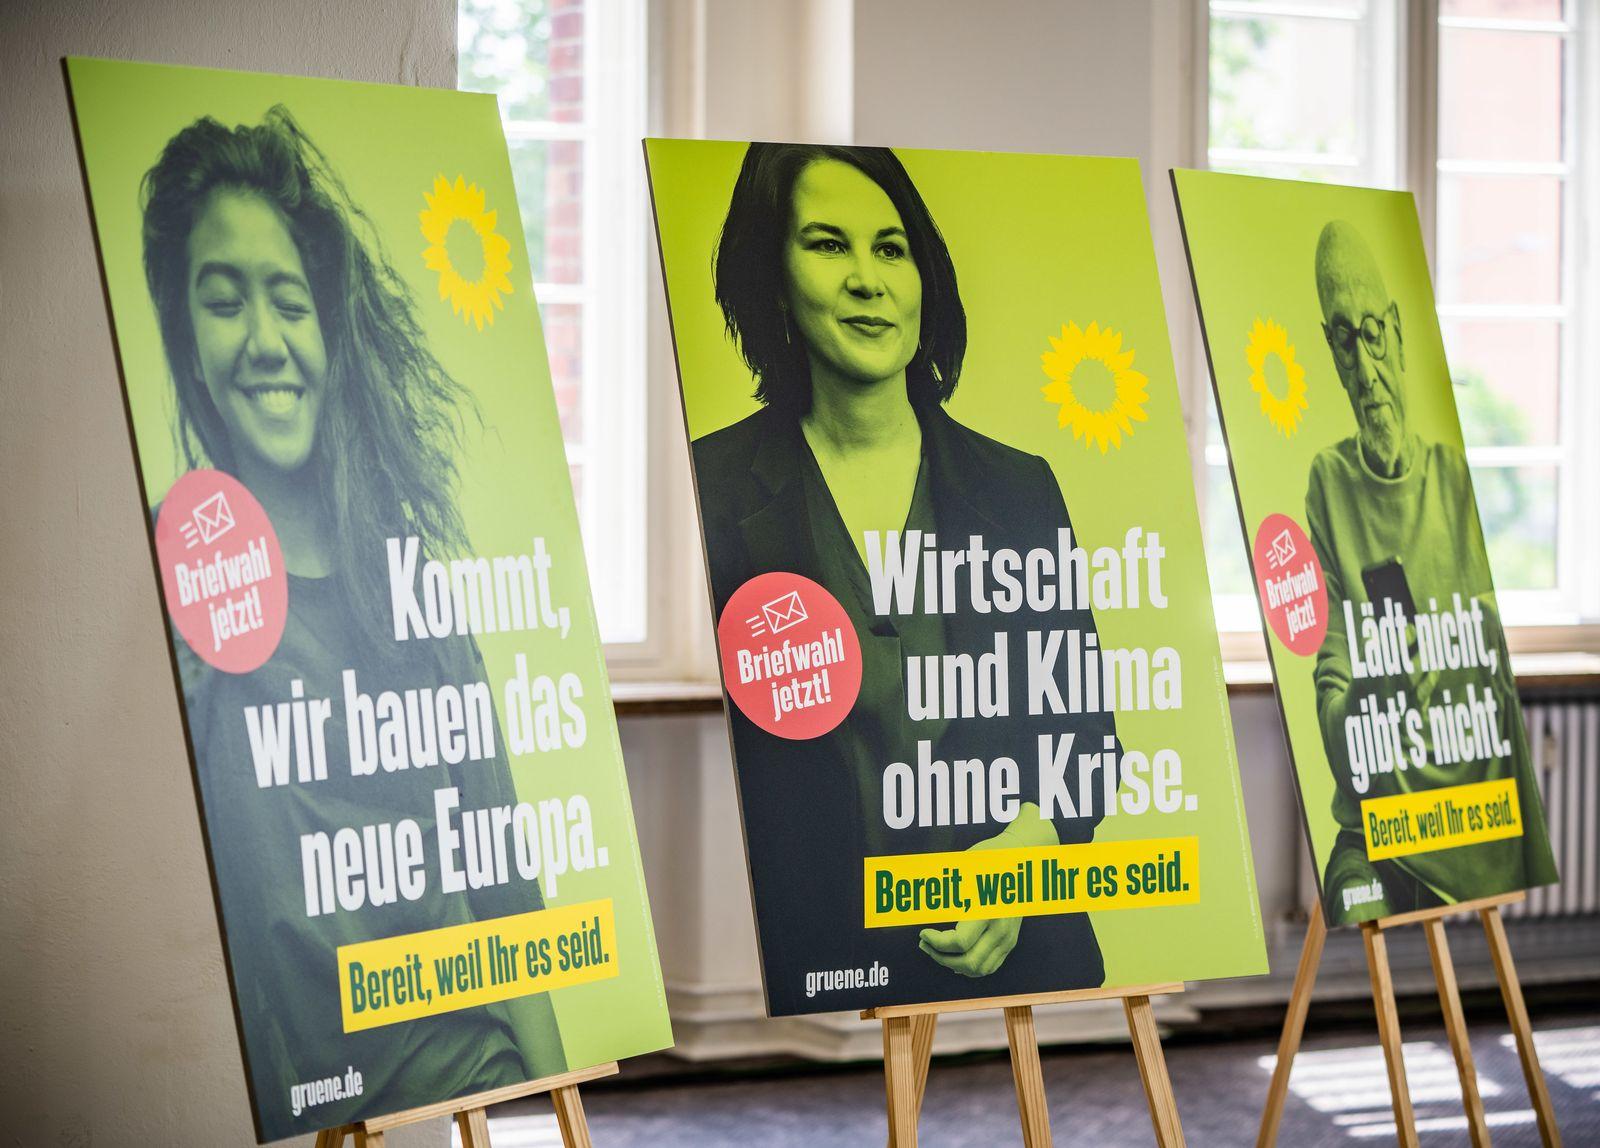 Grüne stellen Wahlkampagne vor